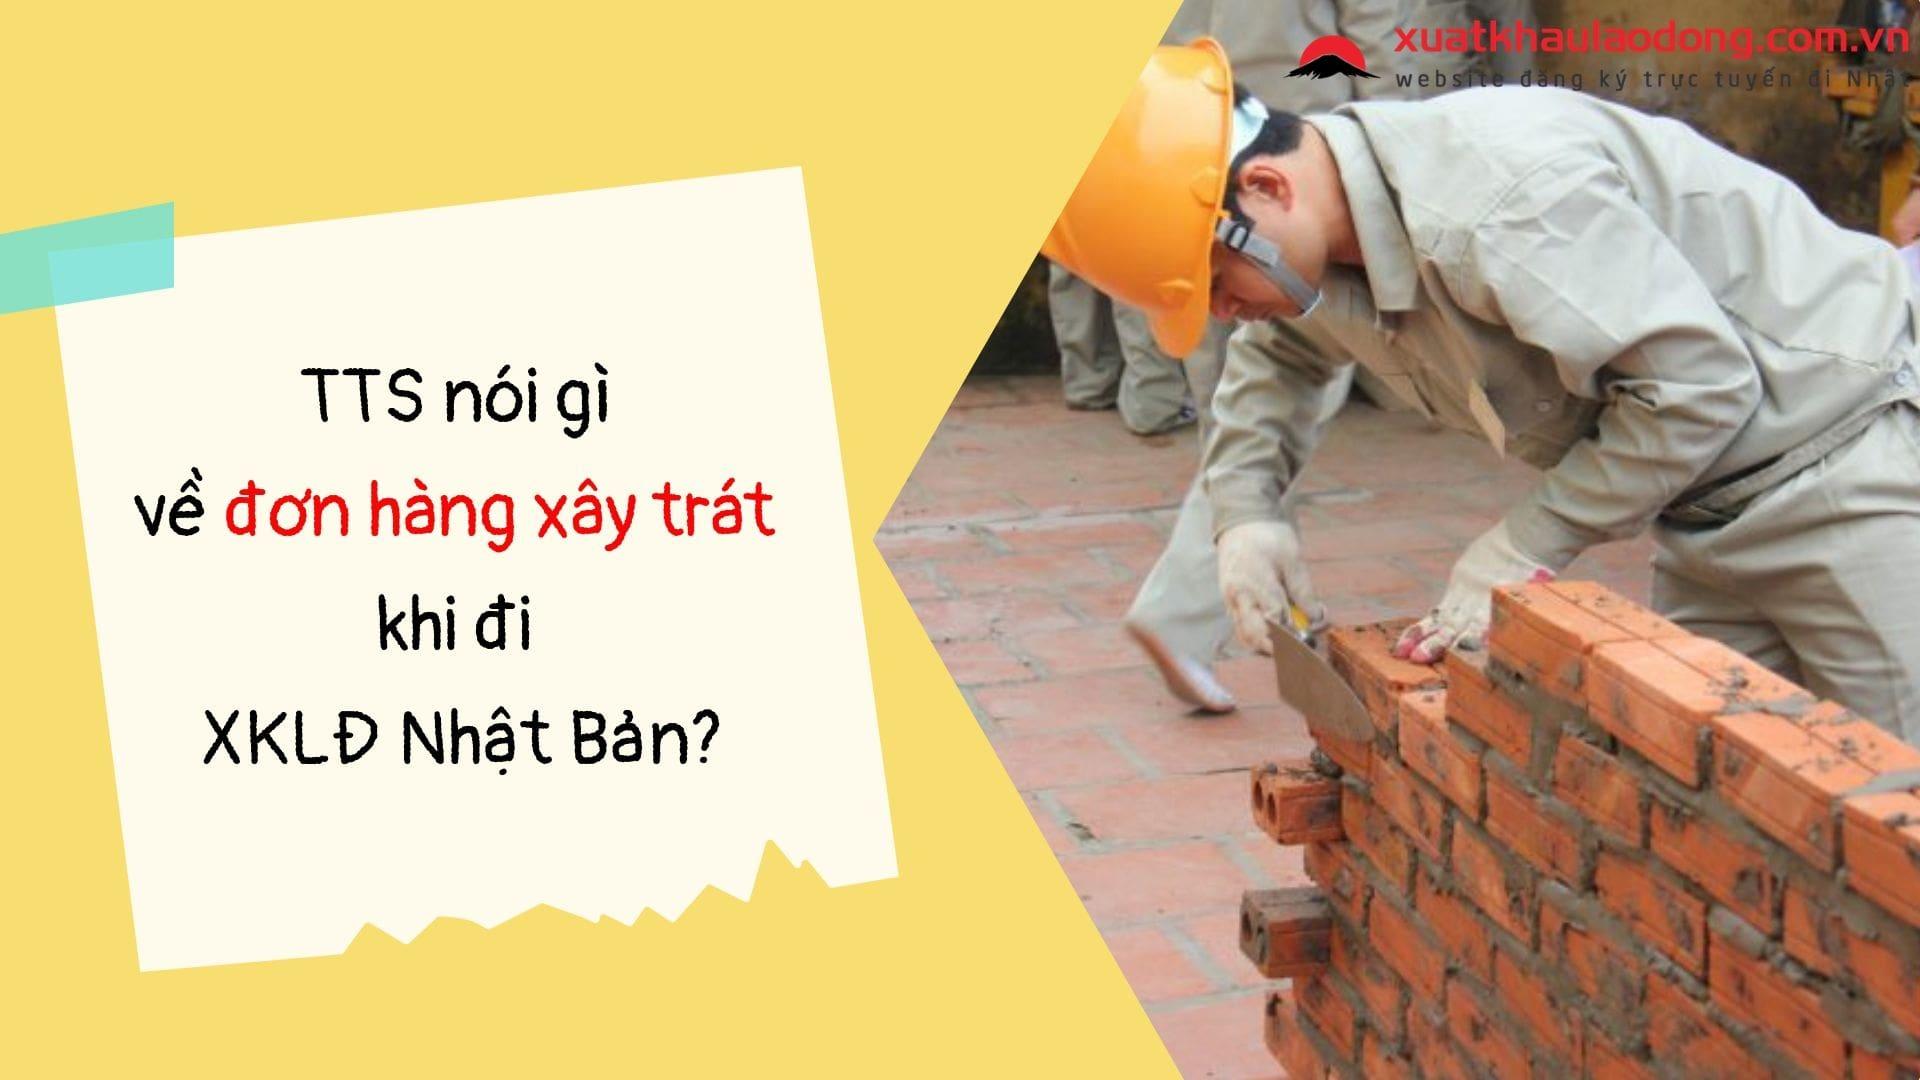 Đơn hàng xây trát là làm công việc gì?